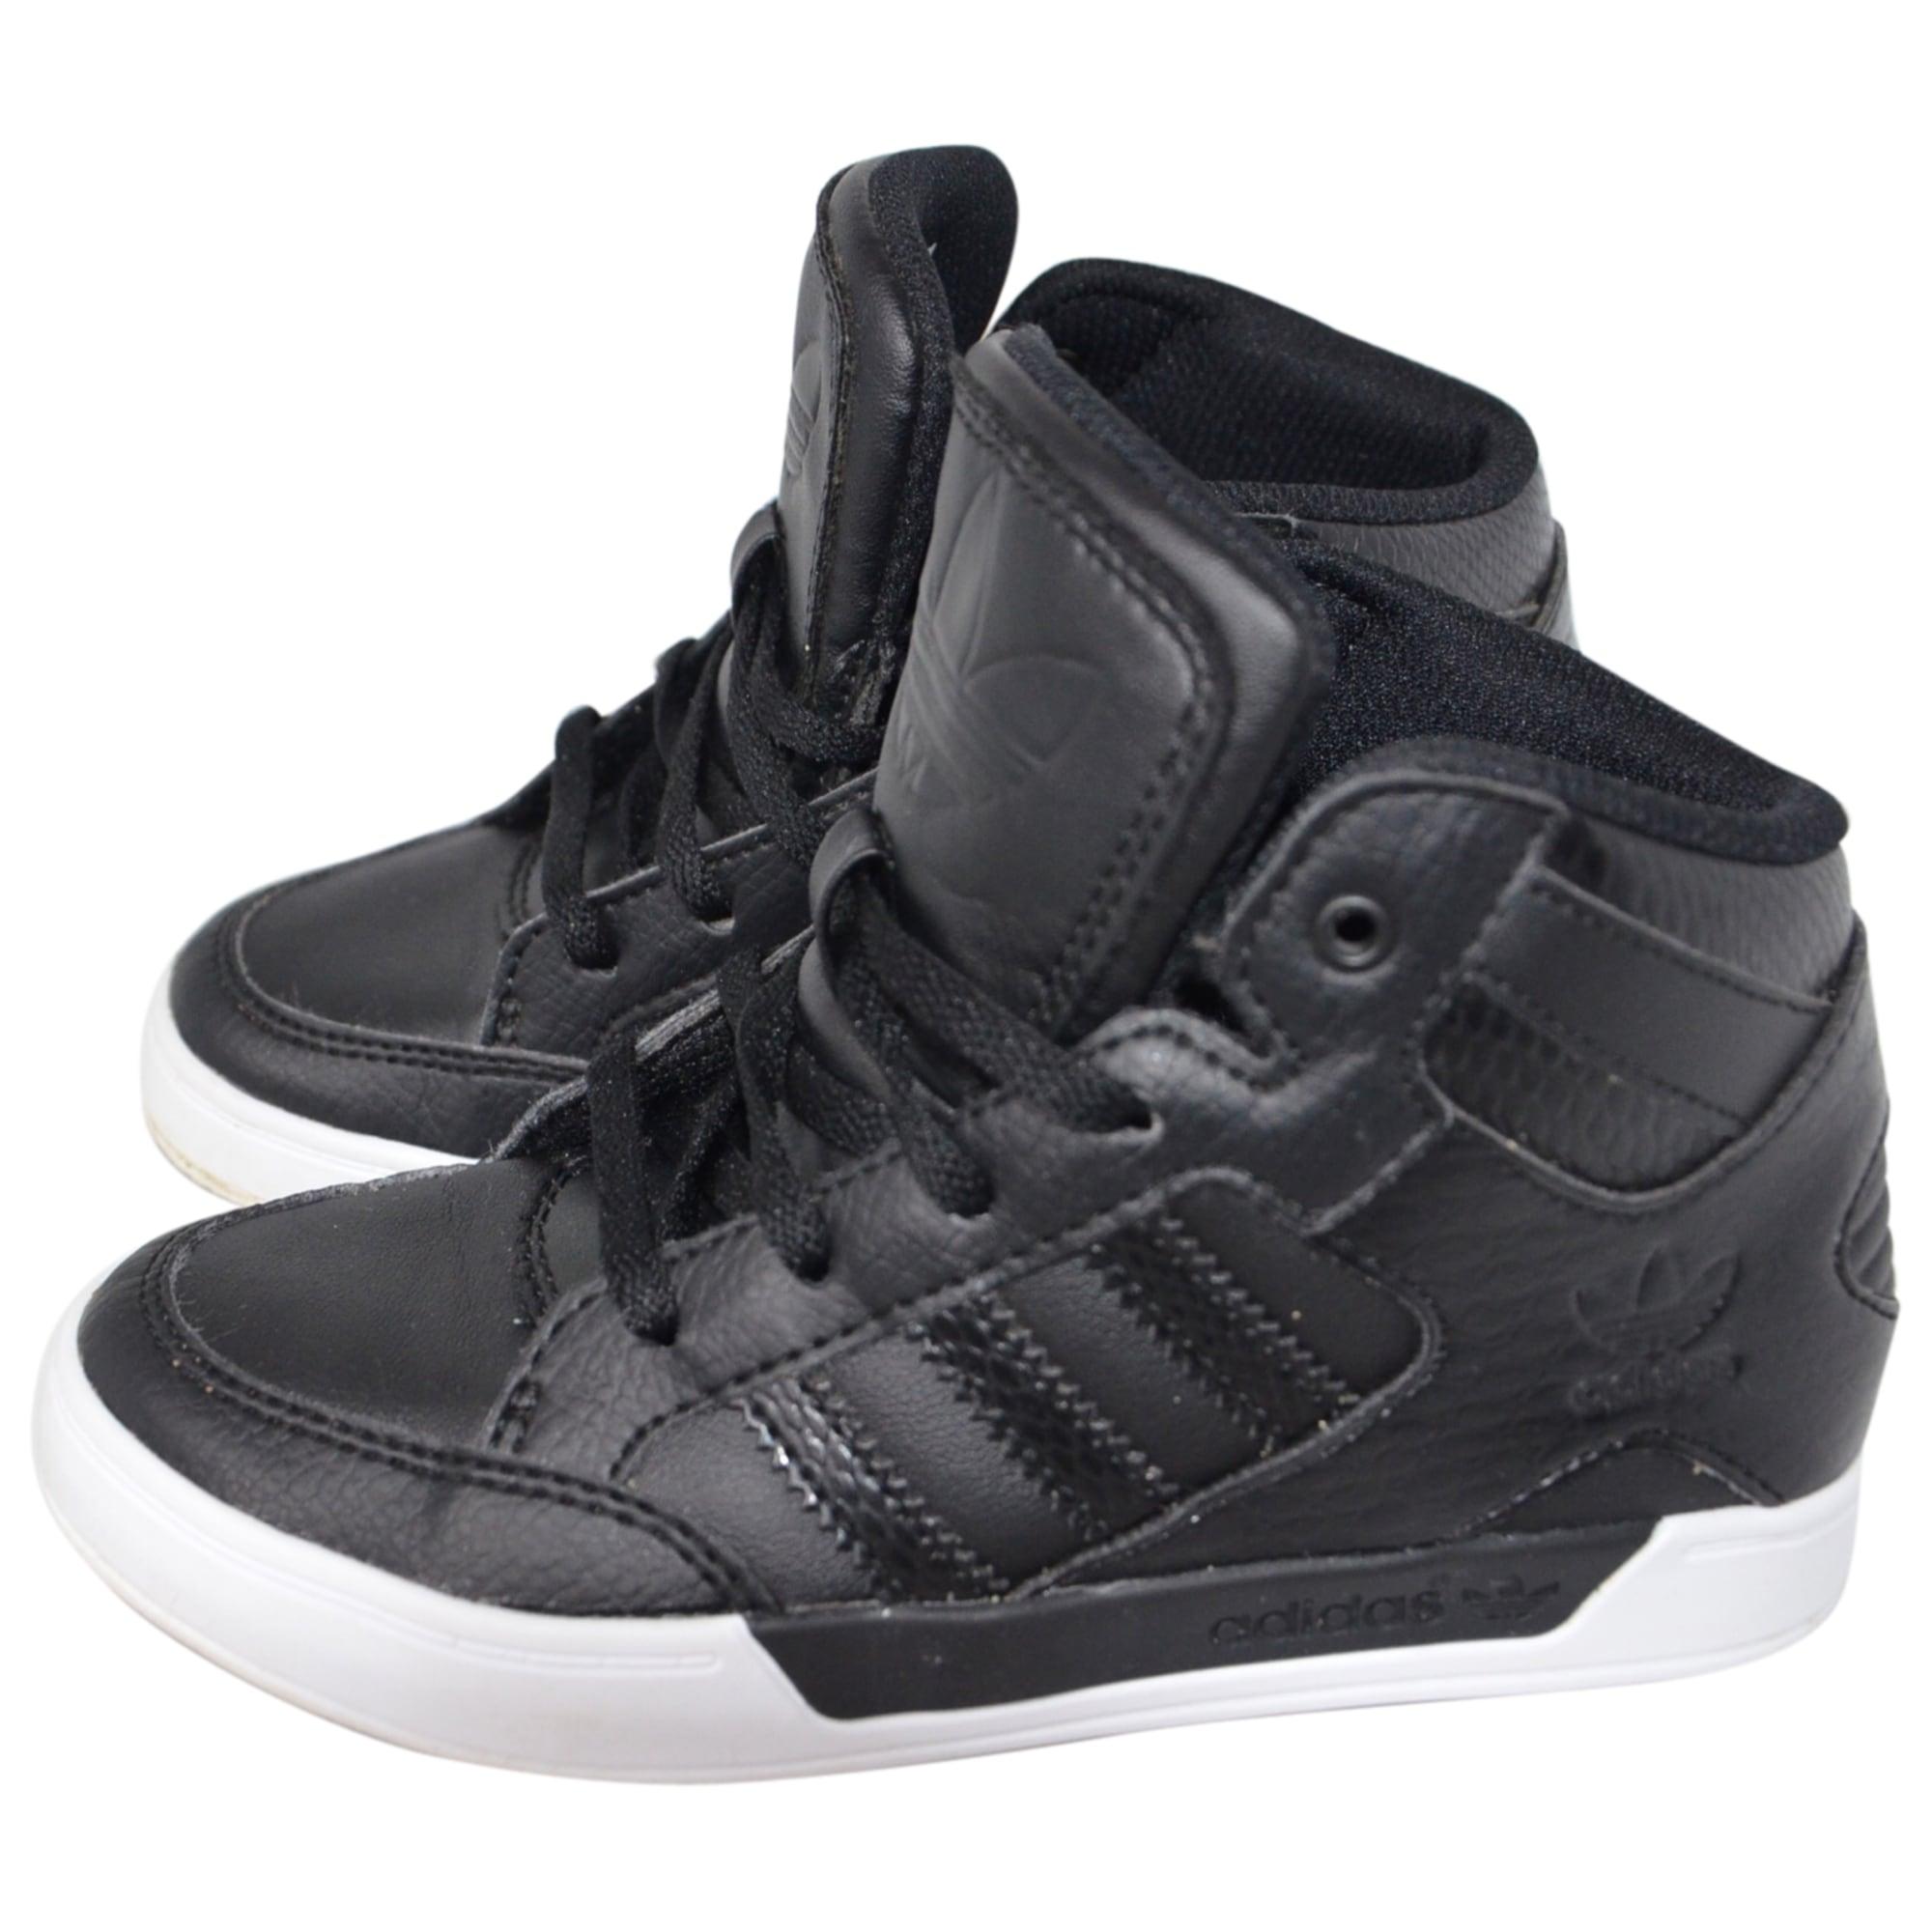 scarpe da ginnastica neonato adidas